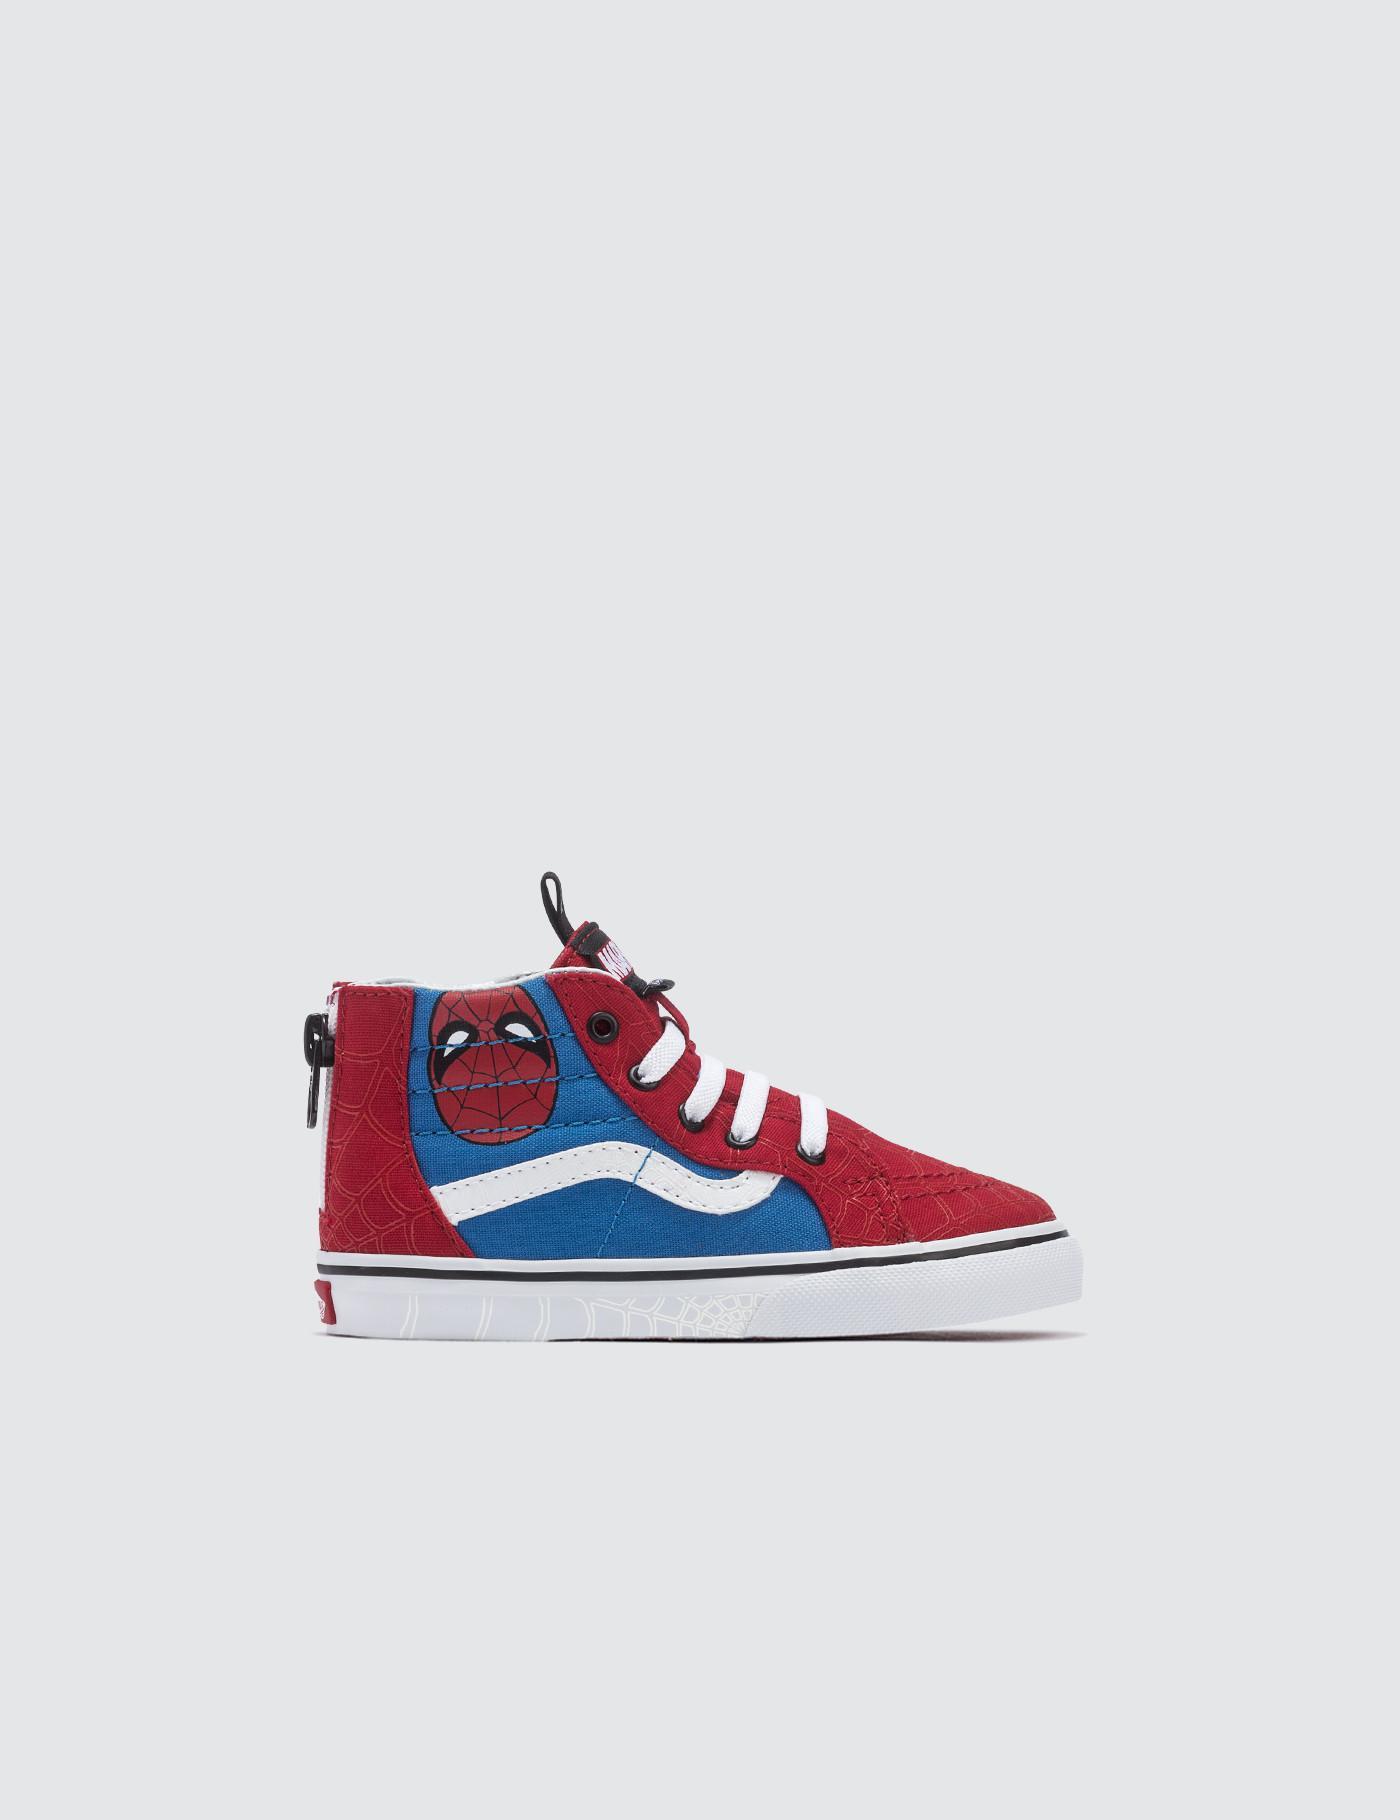 Lyst - Vans Marvel Sk8-hi Zip in Red for Men 40f51c022